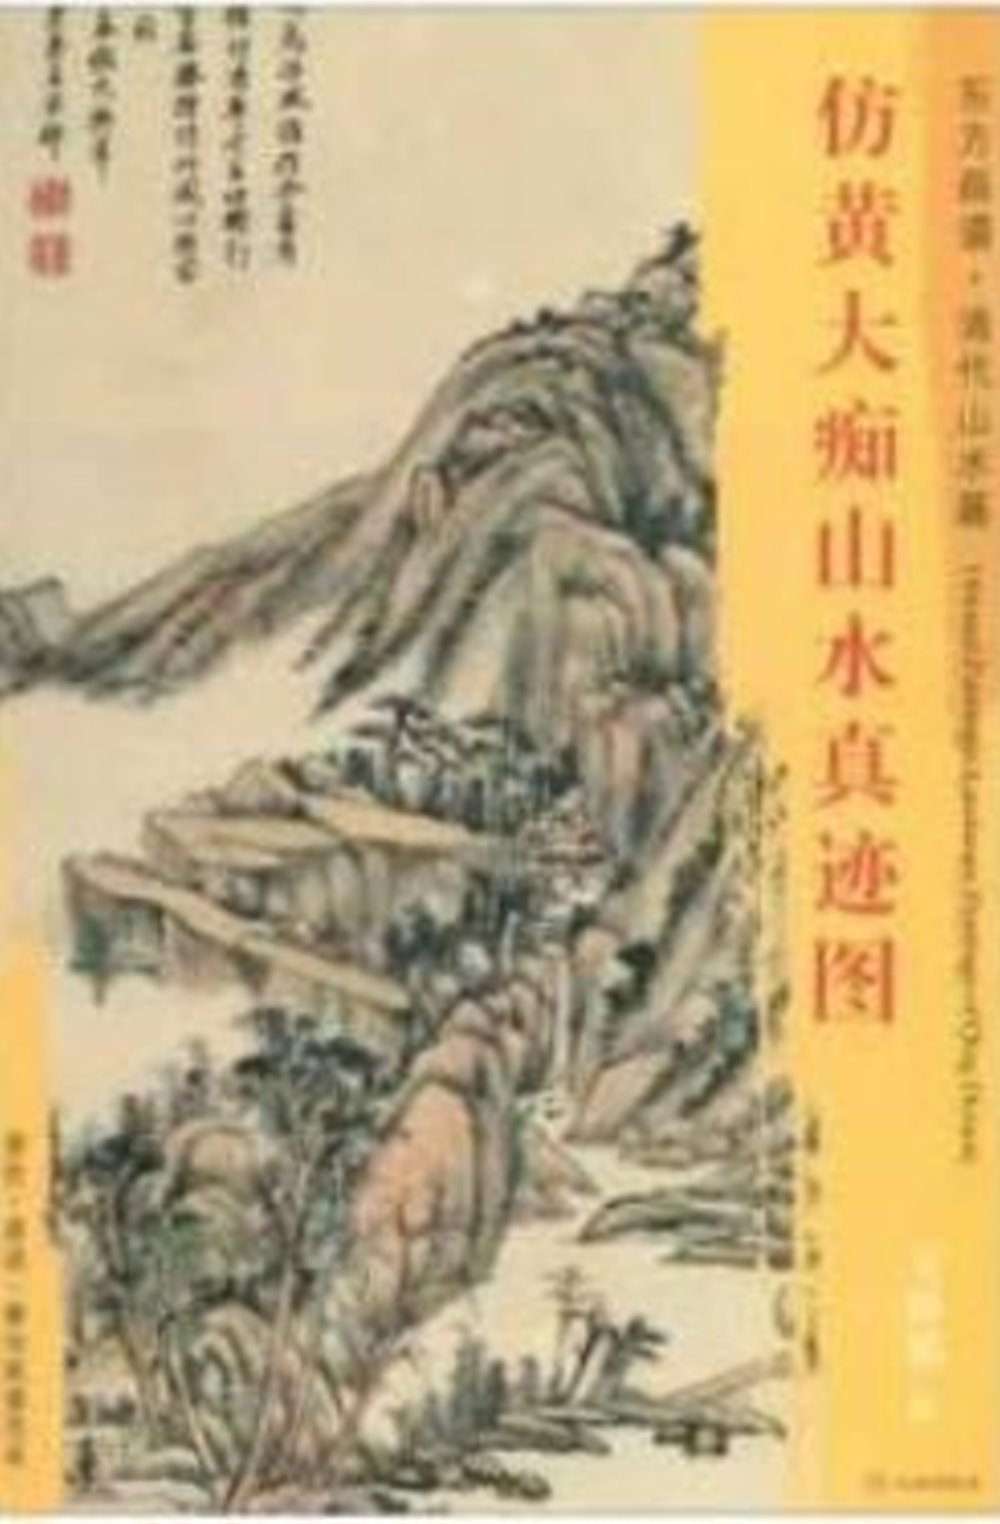 東方畫譜·清代山水篇·仿黃大痴山水真跡圖